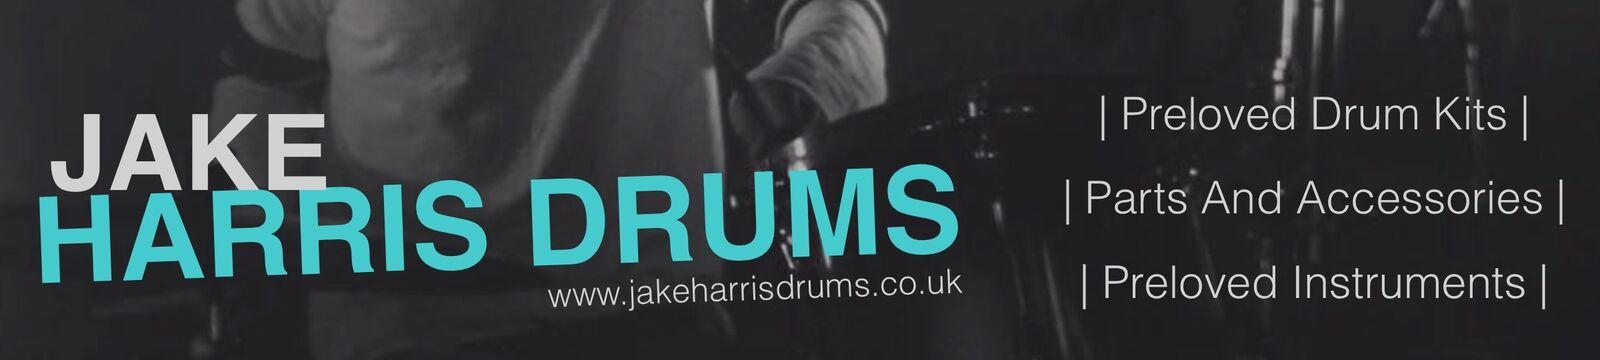 Jake Harris Drums